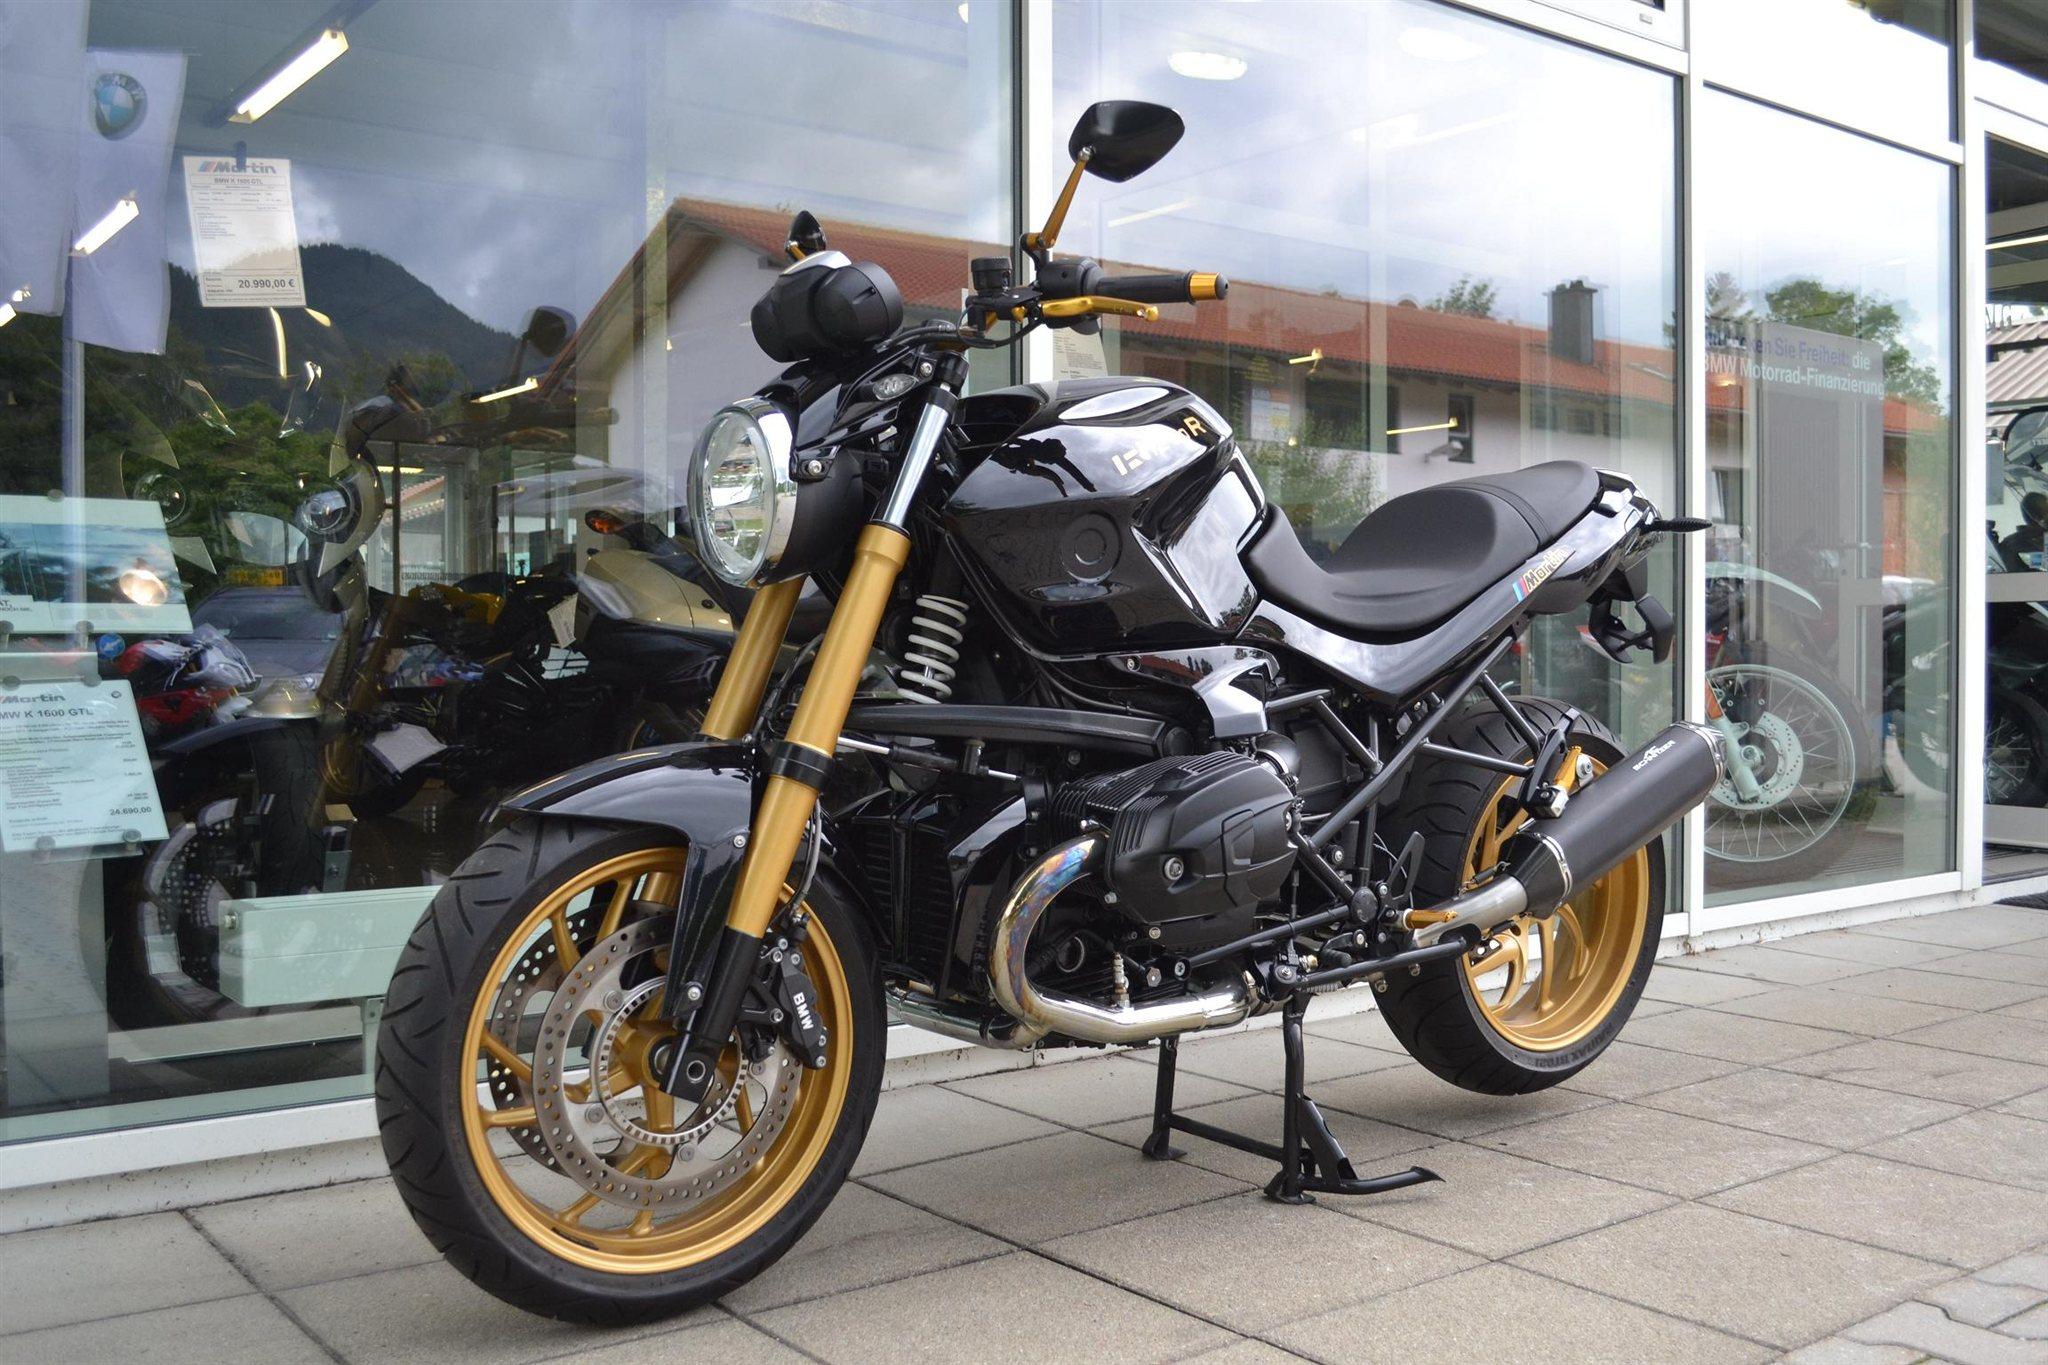 Umgebautes Motorrad Bmw R 1200 R Von Erwin Martin Gmbh 1000ps At